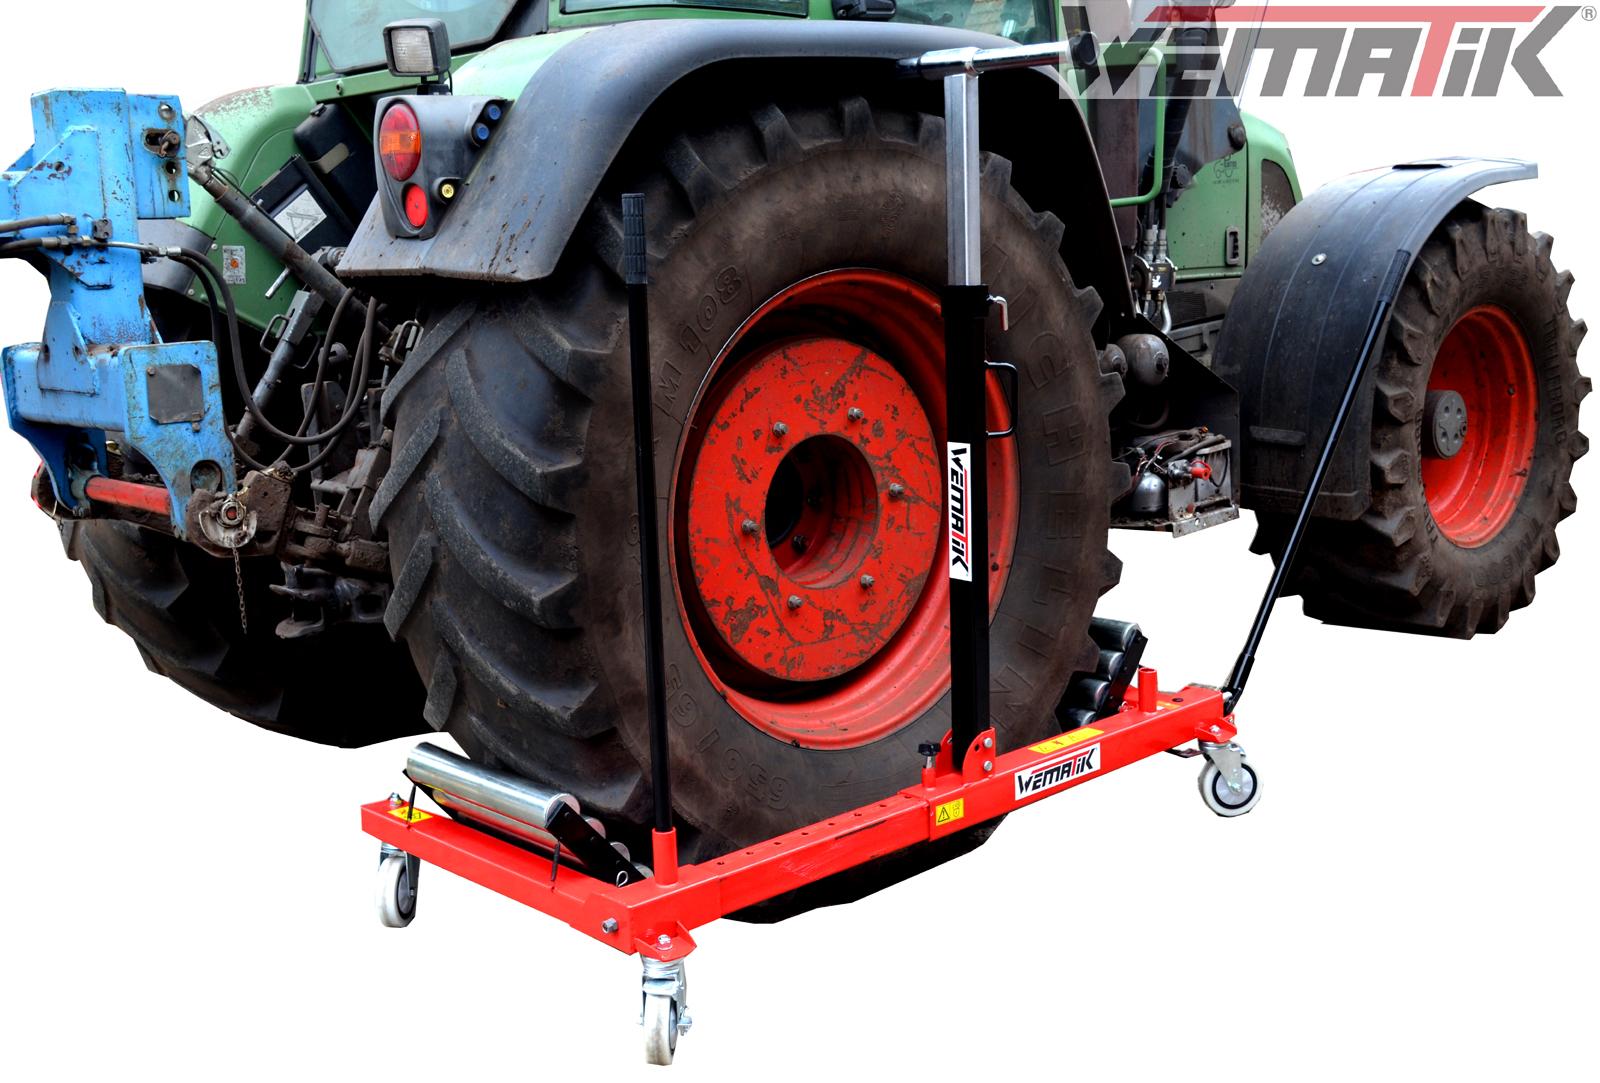 reifenwechselwagen wematik reifen rad wechsel montagehilfe traktor hydr lkw 1 2 ebay. Black Bedroom Furniture Sets. Home Design Ideas